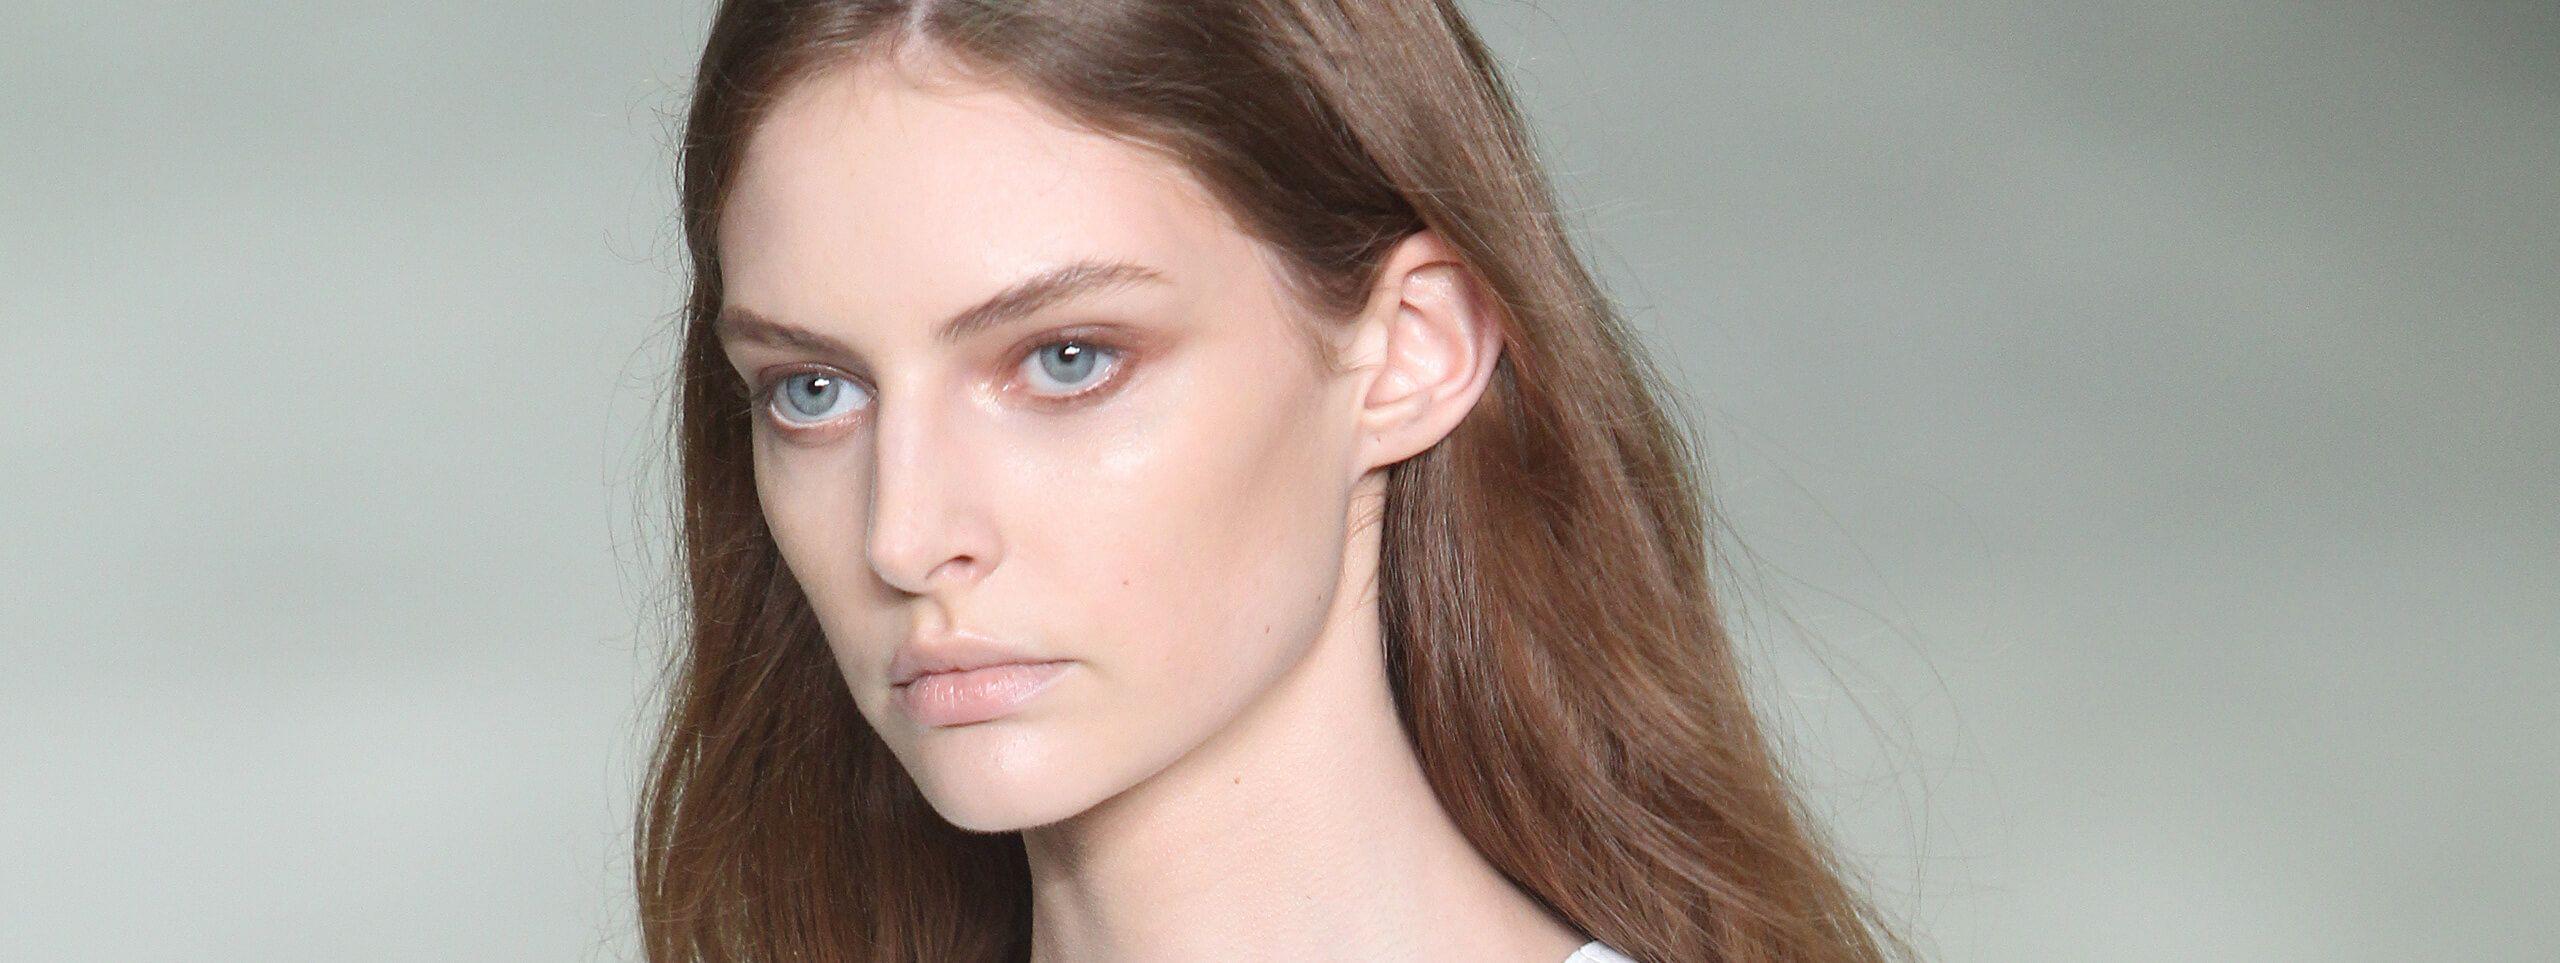 Modelo color de cabello castaño pelo suelto